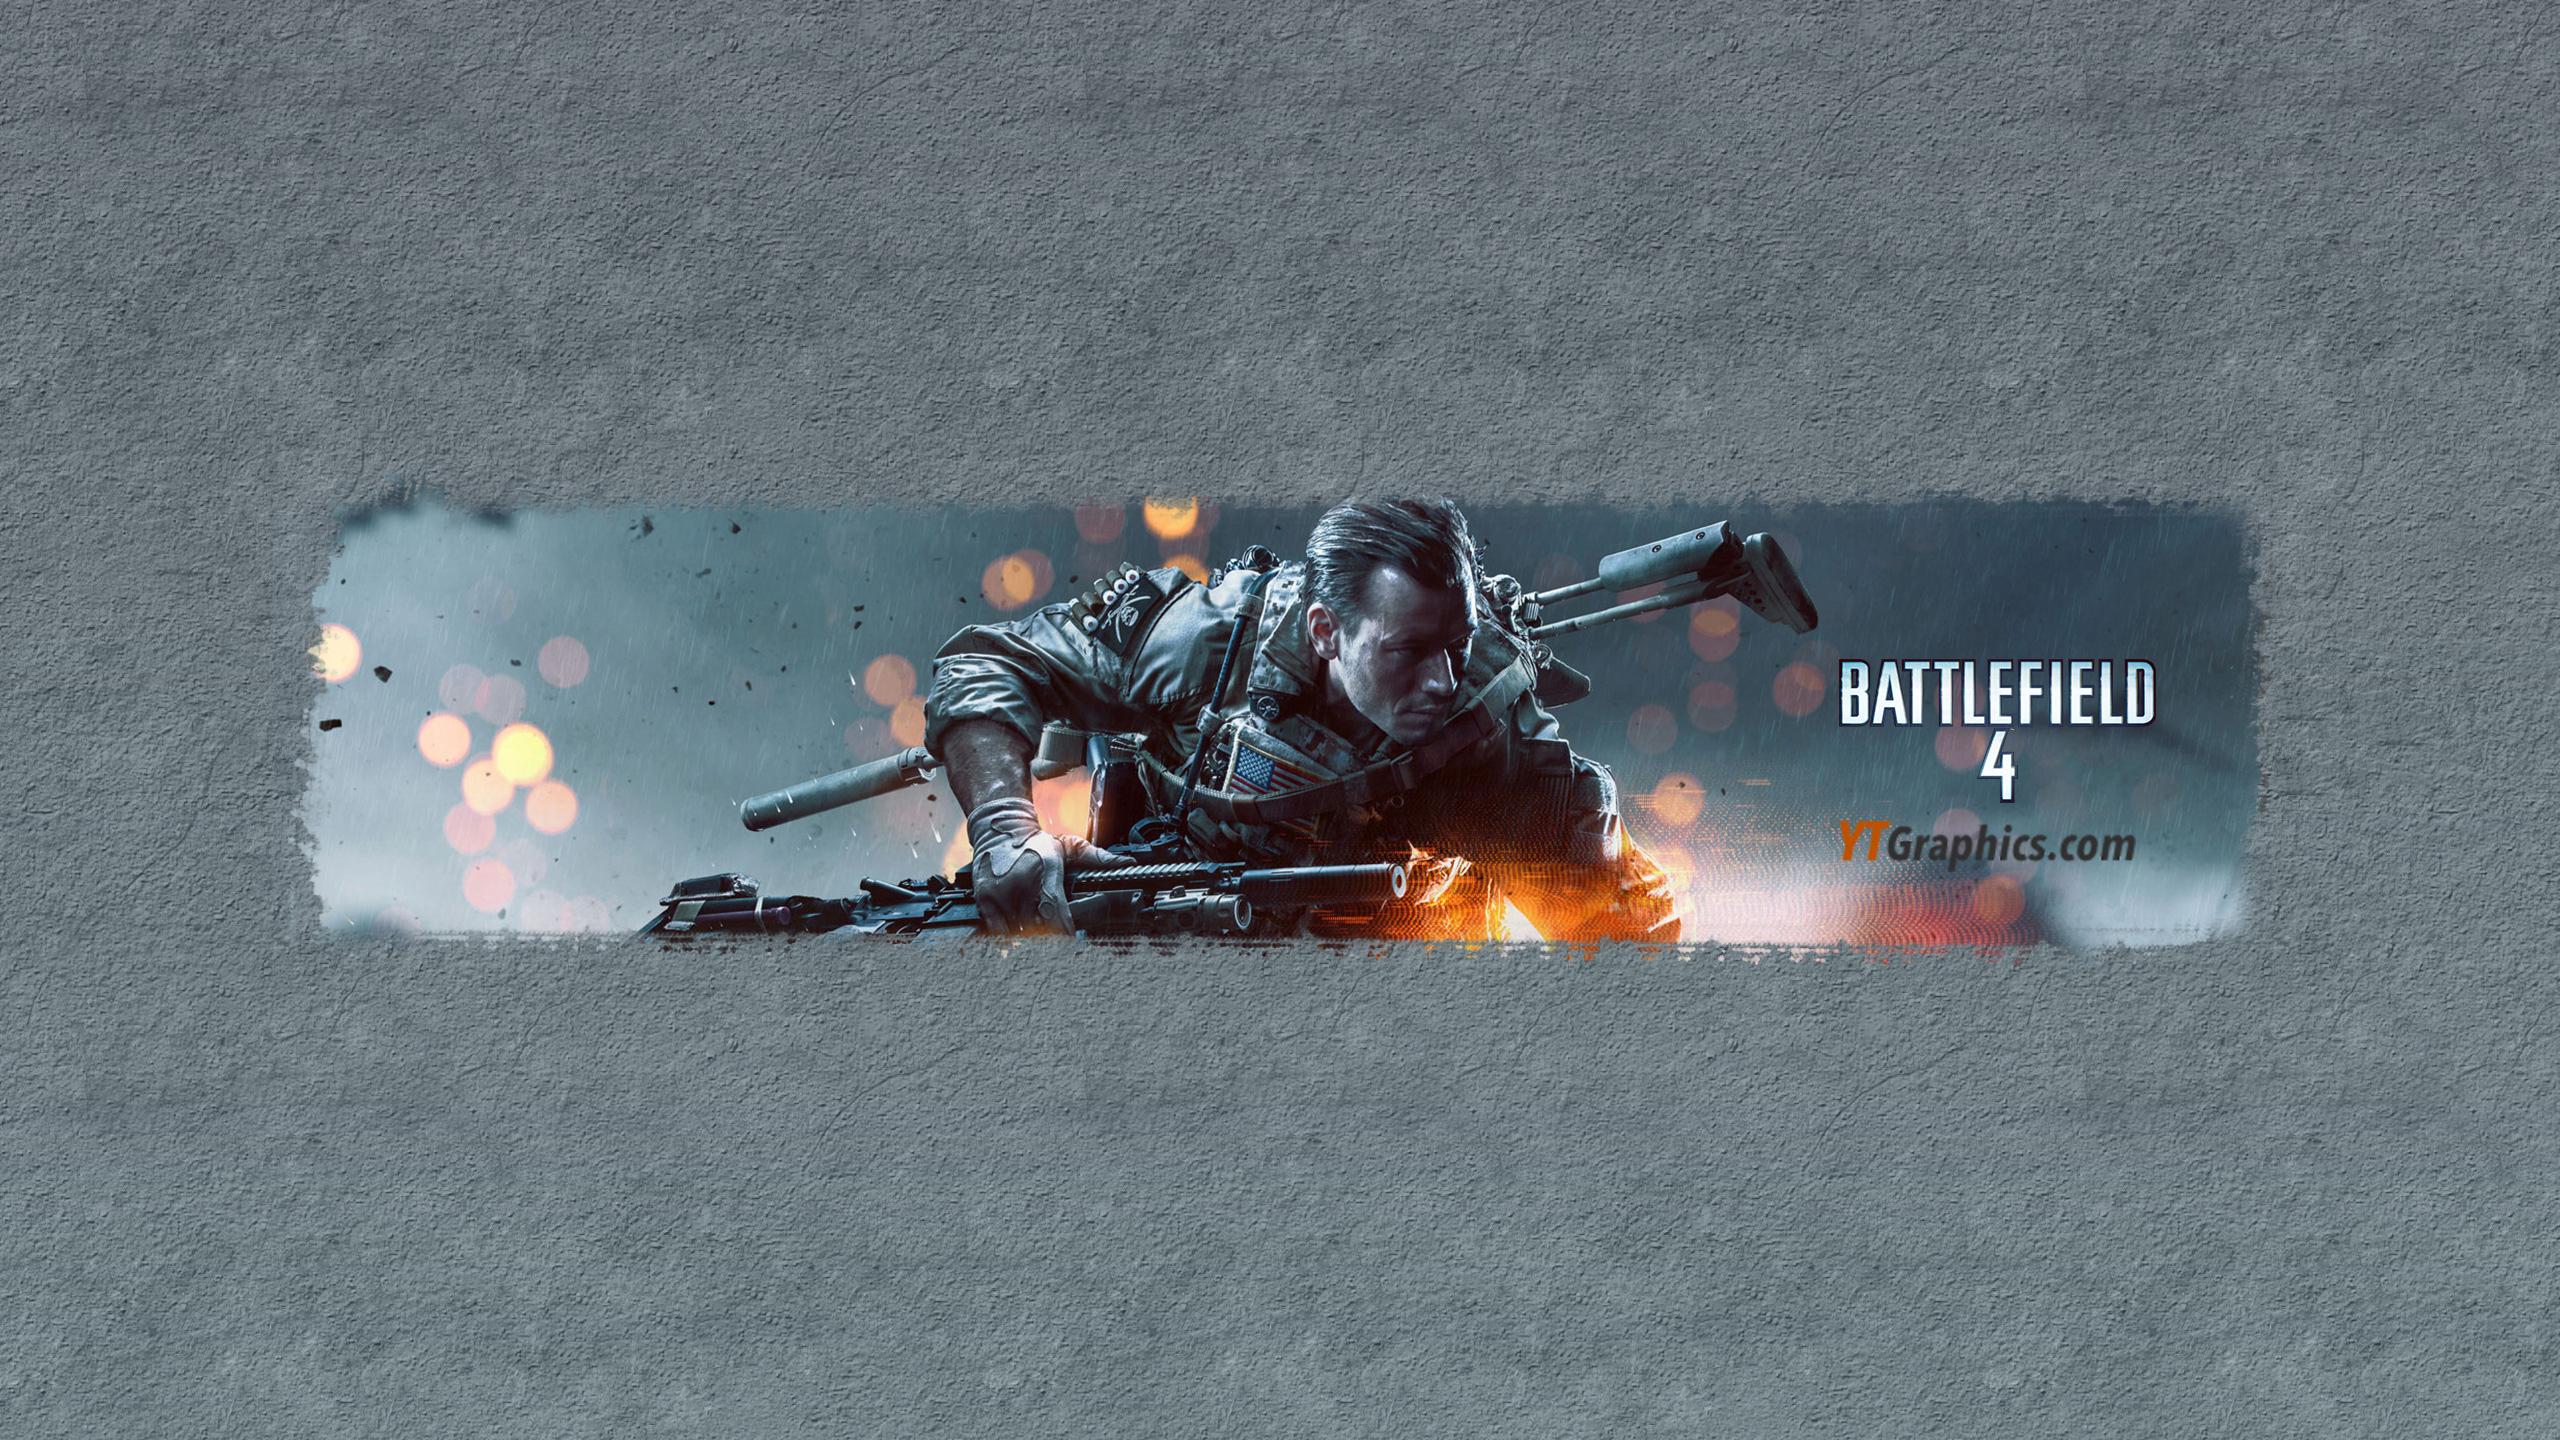 Battlefield 4 Youtube Channel Art Banner